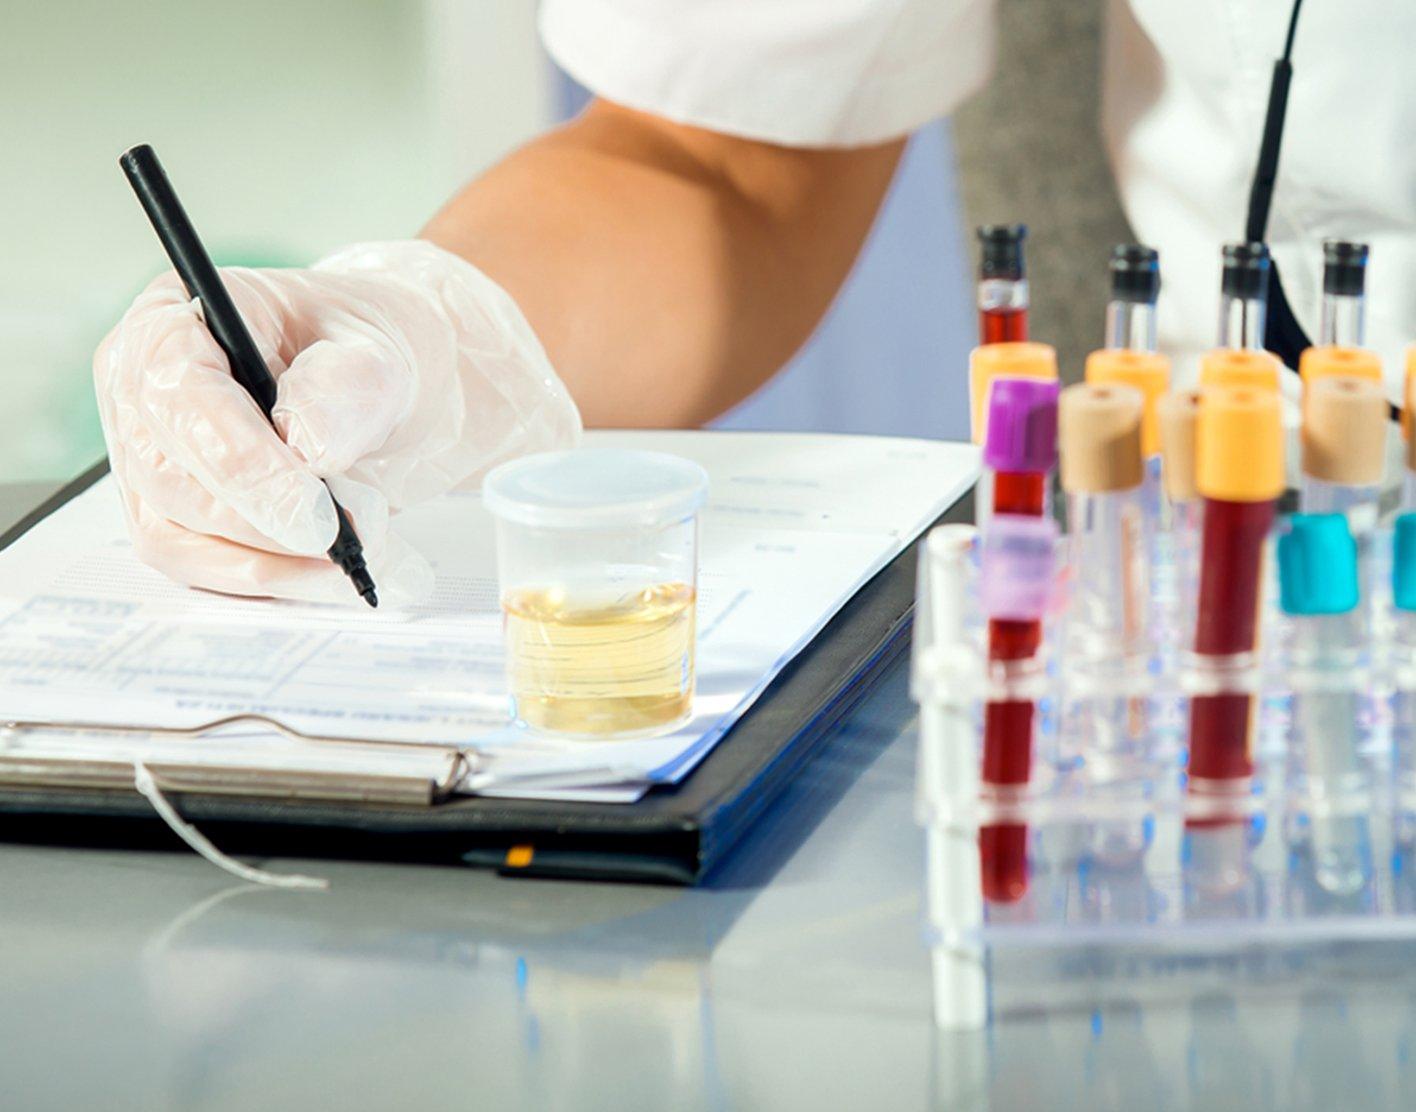 osmolality-urine-test-708x556-2x